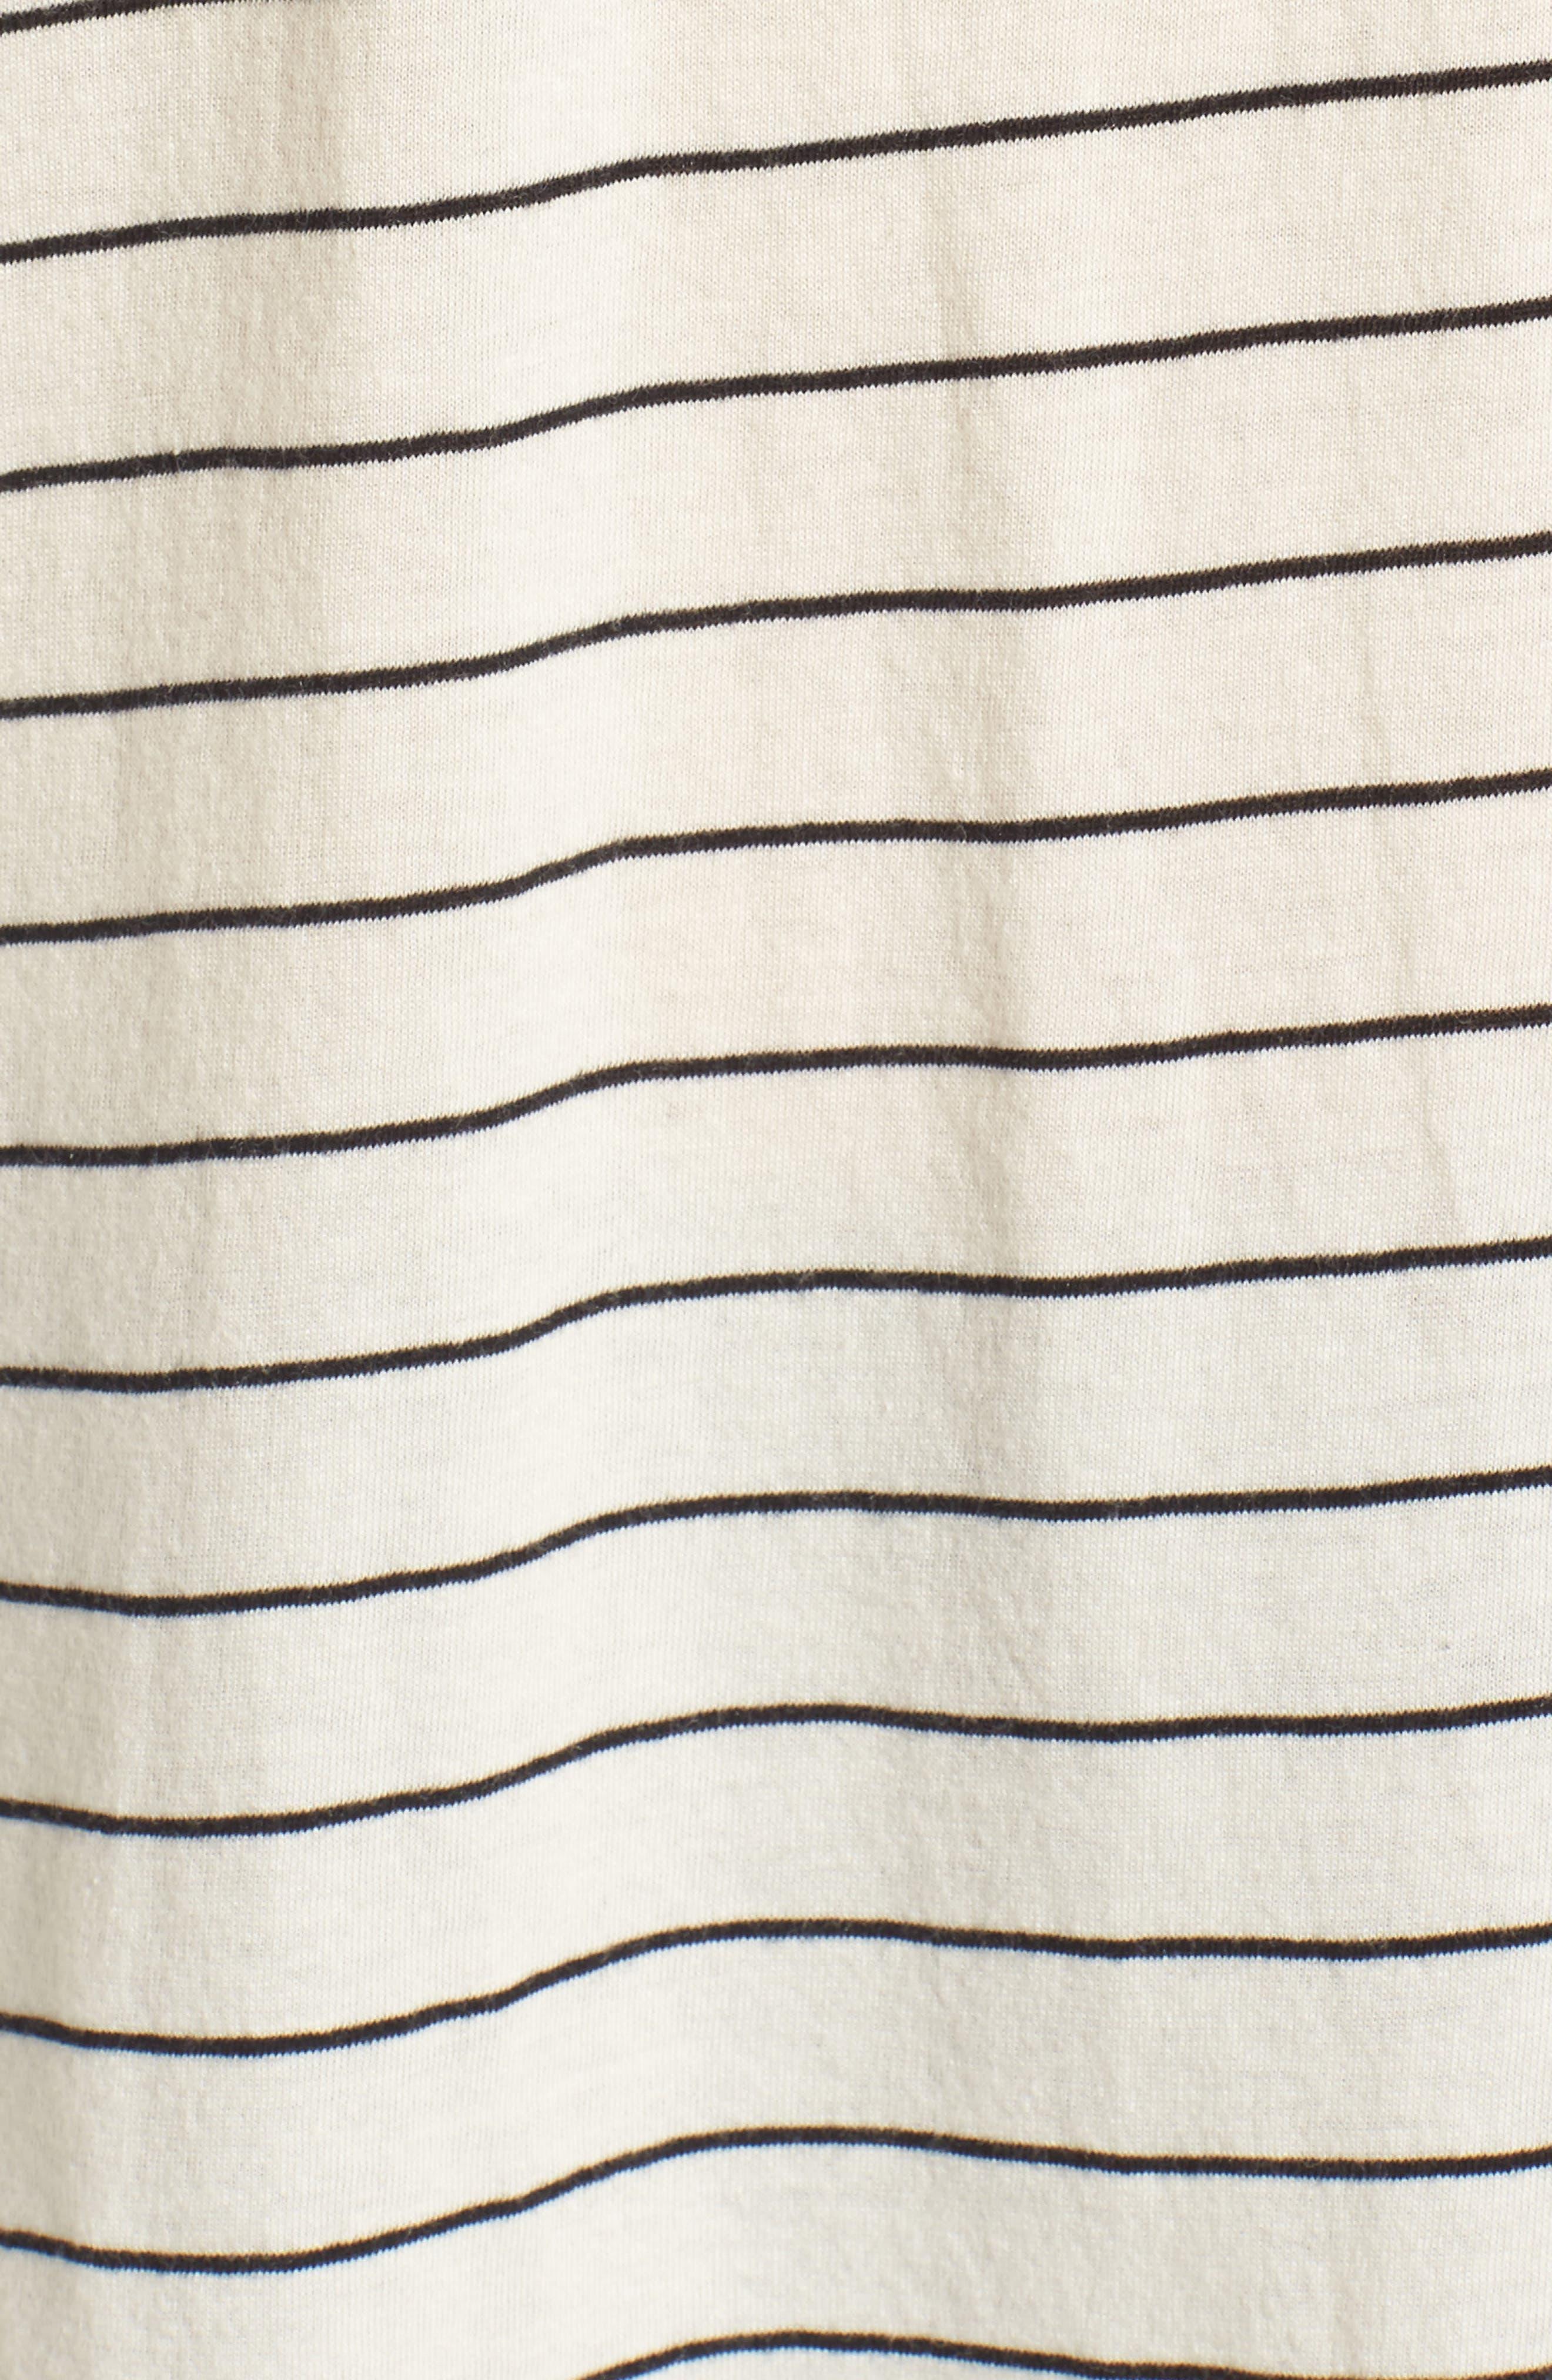 Side Slit Tee,                             Alternate thumbnail 5, color,                             Ivory Egret Joanie Stripe